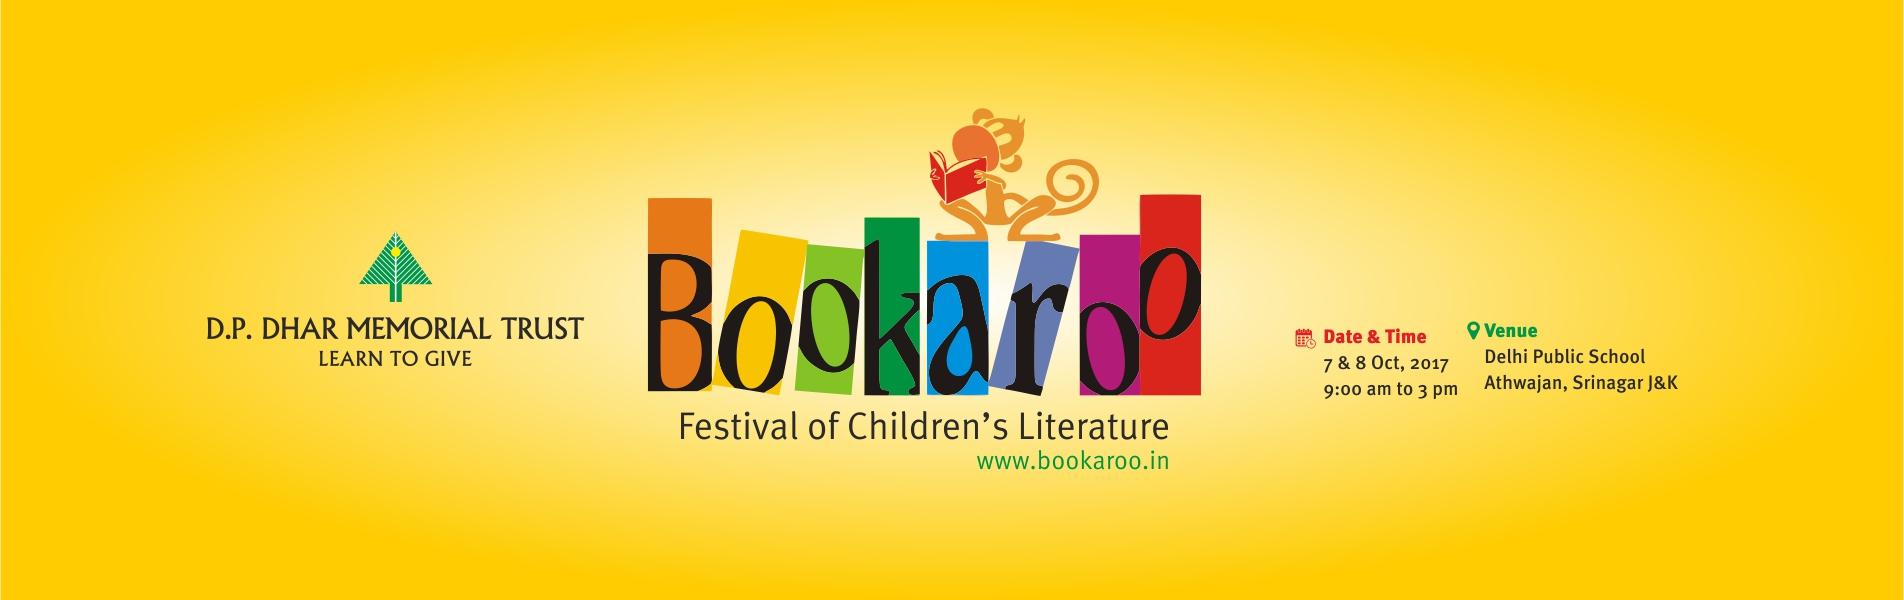 Bookaroo festival to be held in DPS Srinagar from tomorrow.